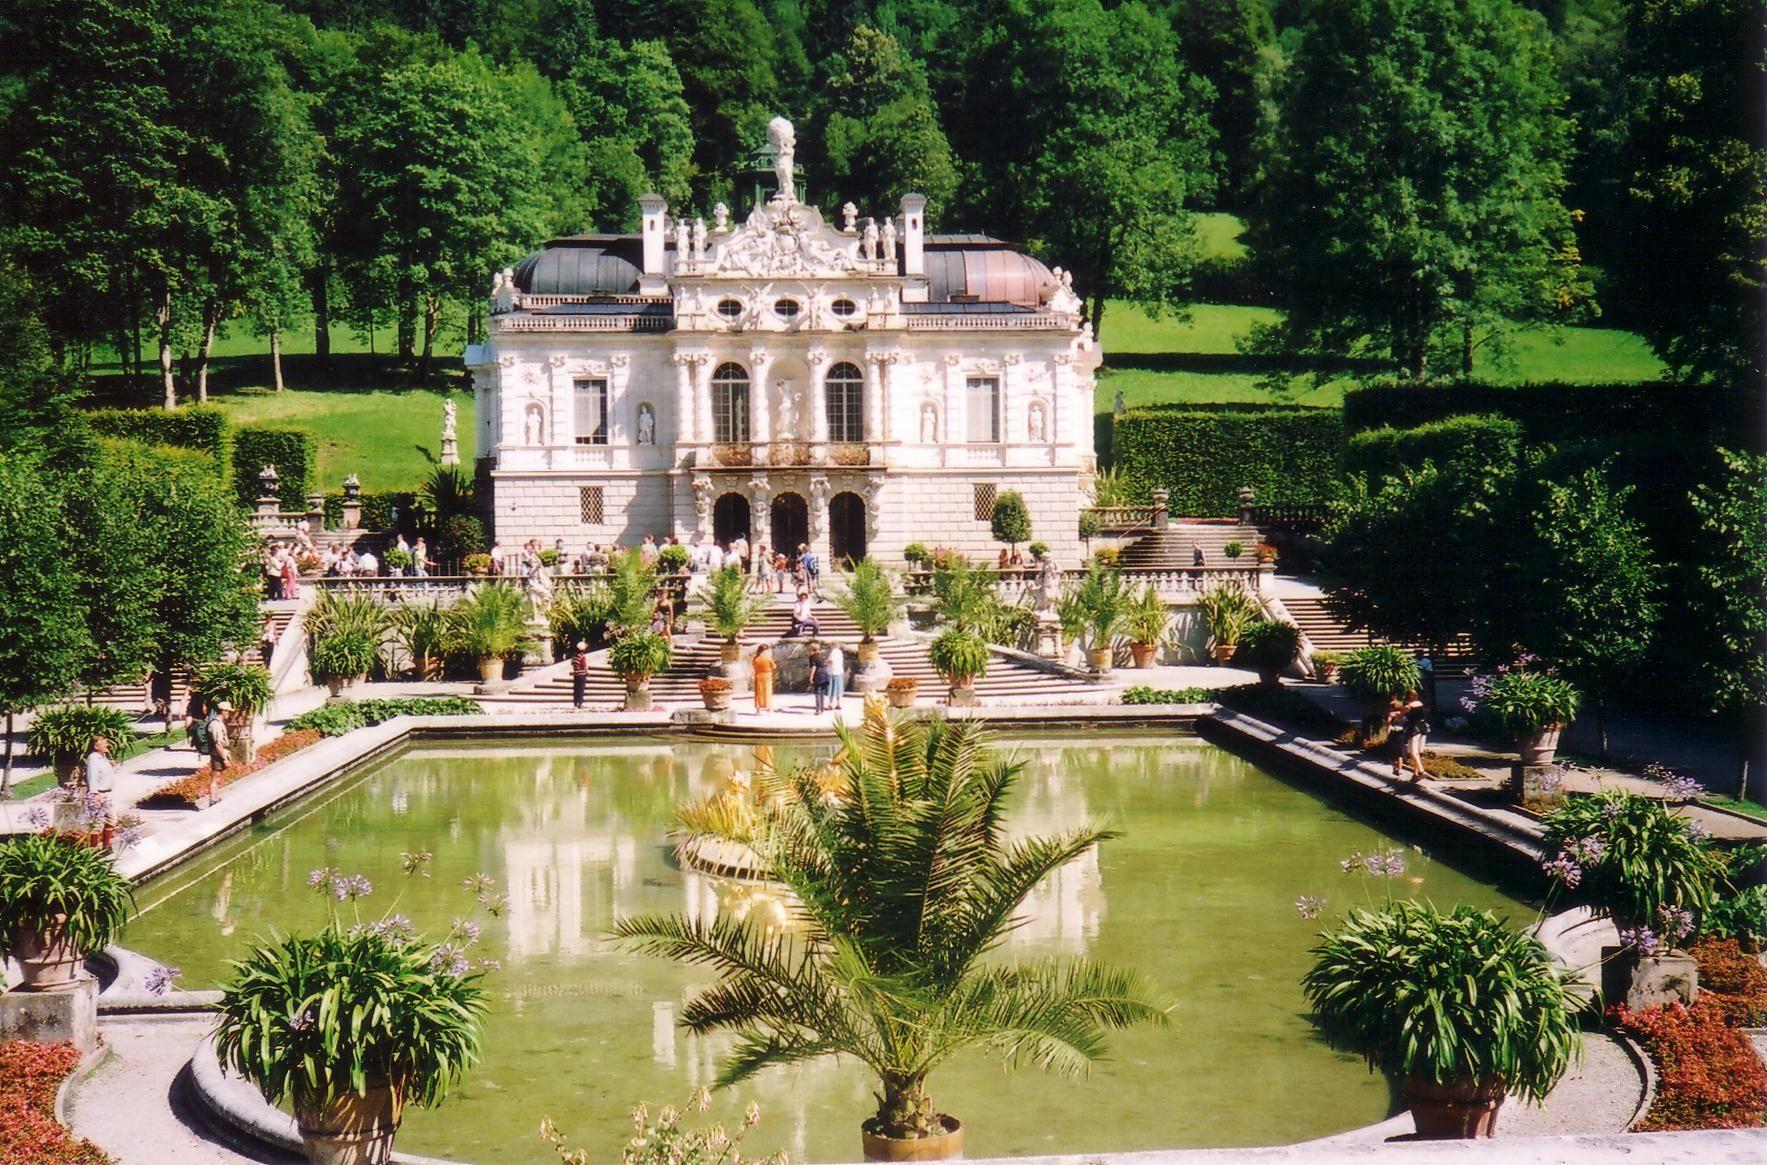 Schloss Linderhof Schloss Linderhof Schloss Und Gartenverwaltung Linderhof Linderhof 12 Schloss Linderhof Hochbau Linderhof